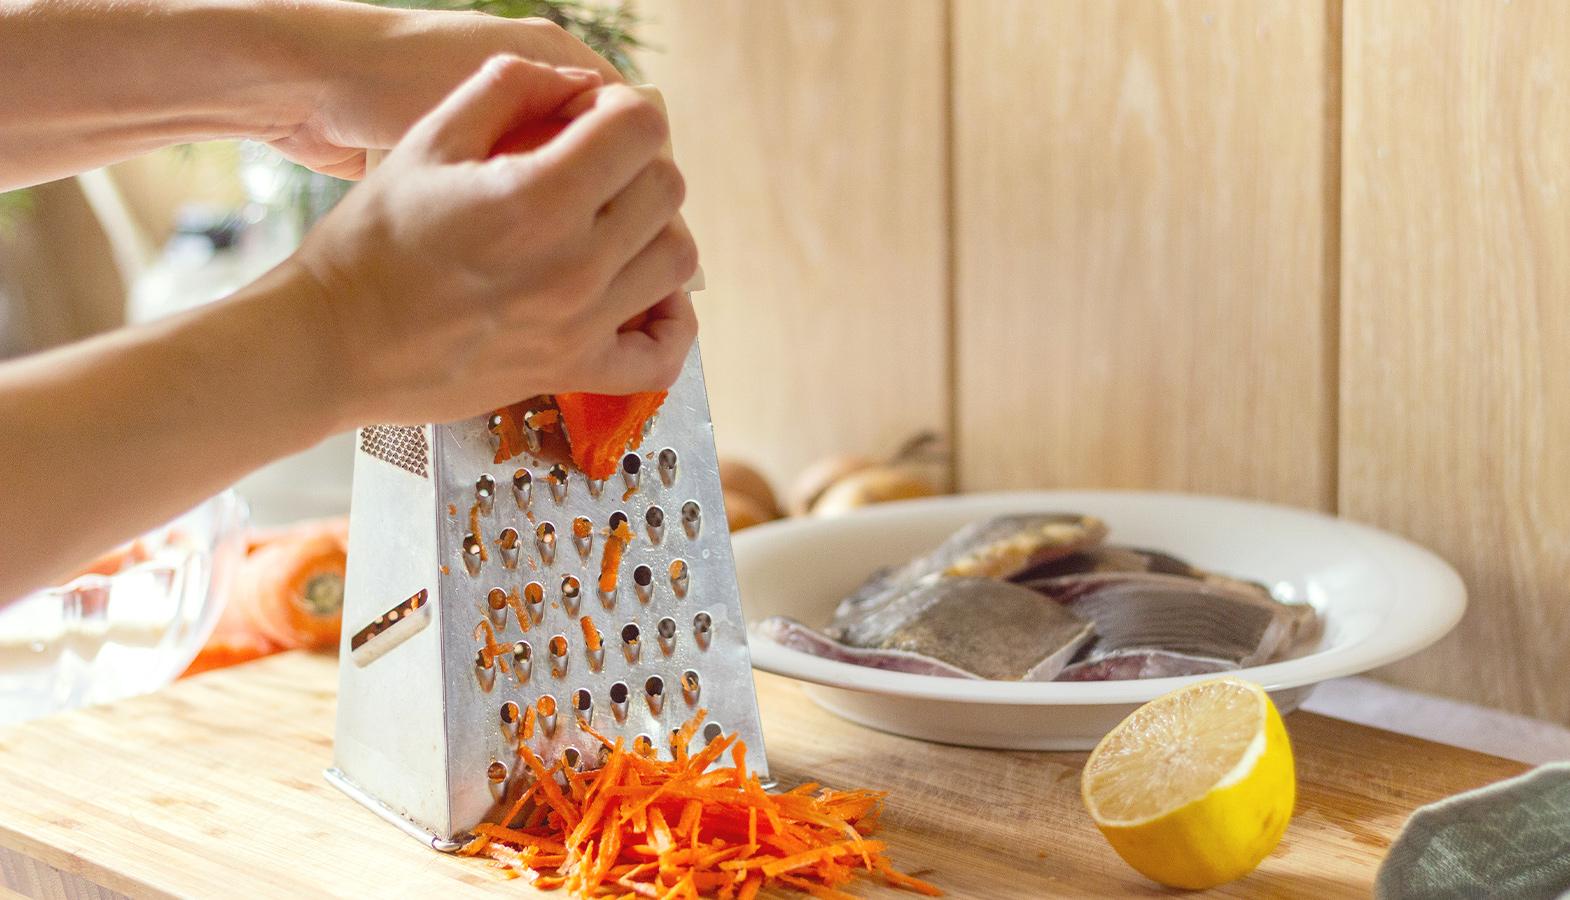 marynowanie karpia w warzywach